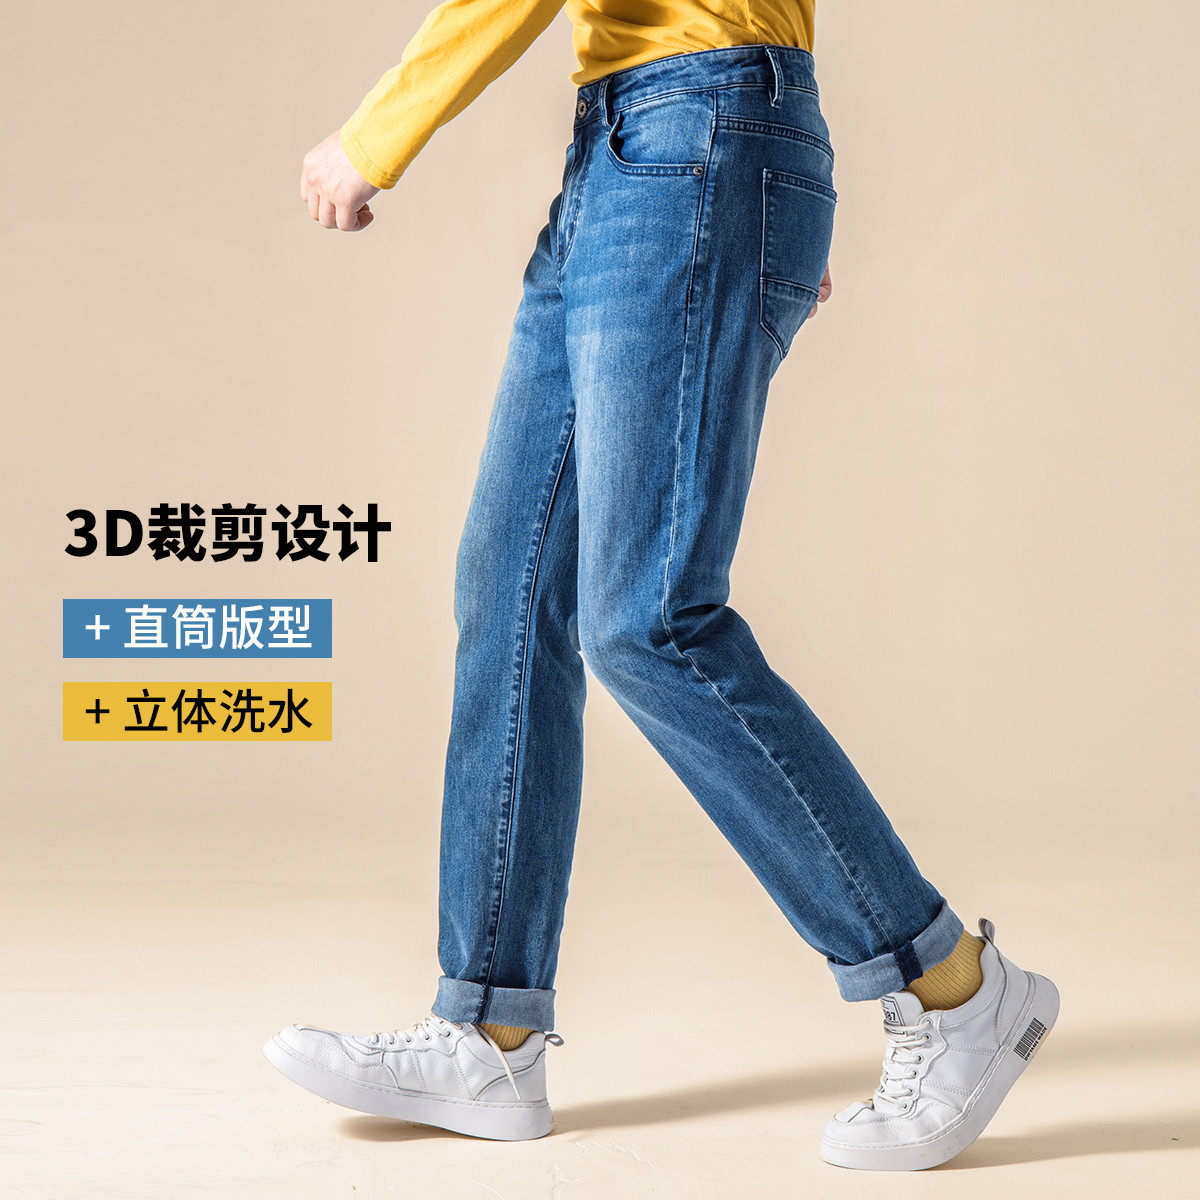 【爆款推荐】春秋新款韩版中腰直筒舒适休闲长裤牛仔裤男